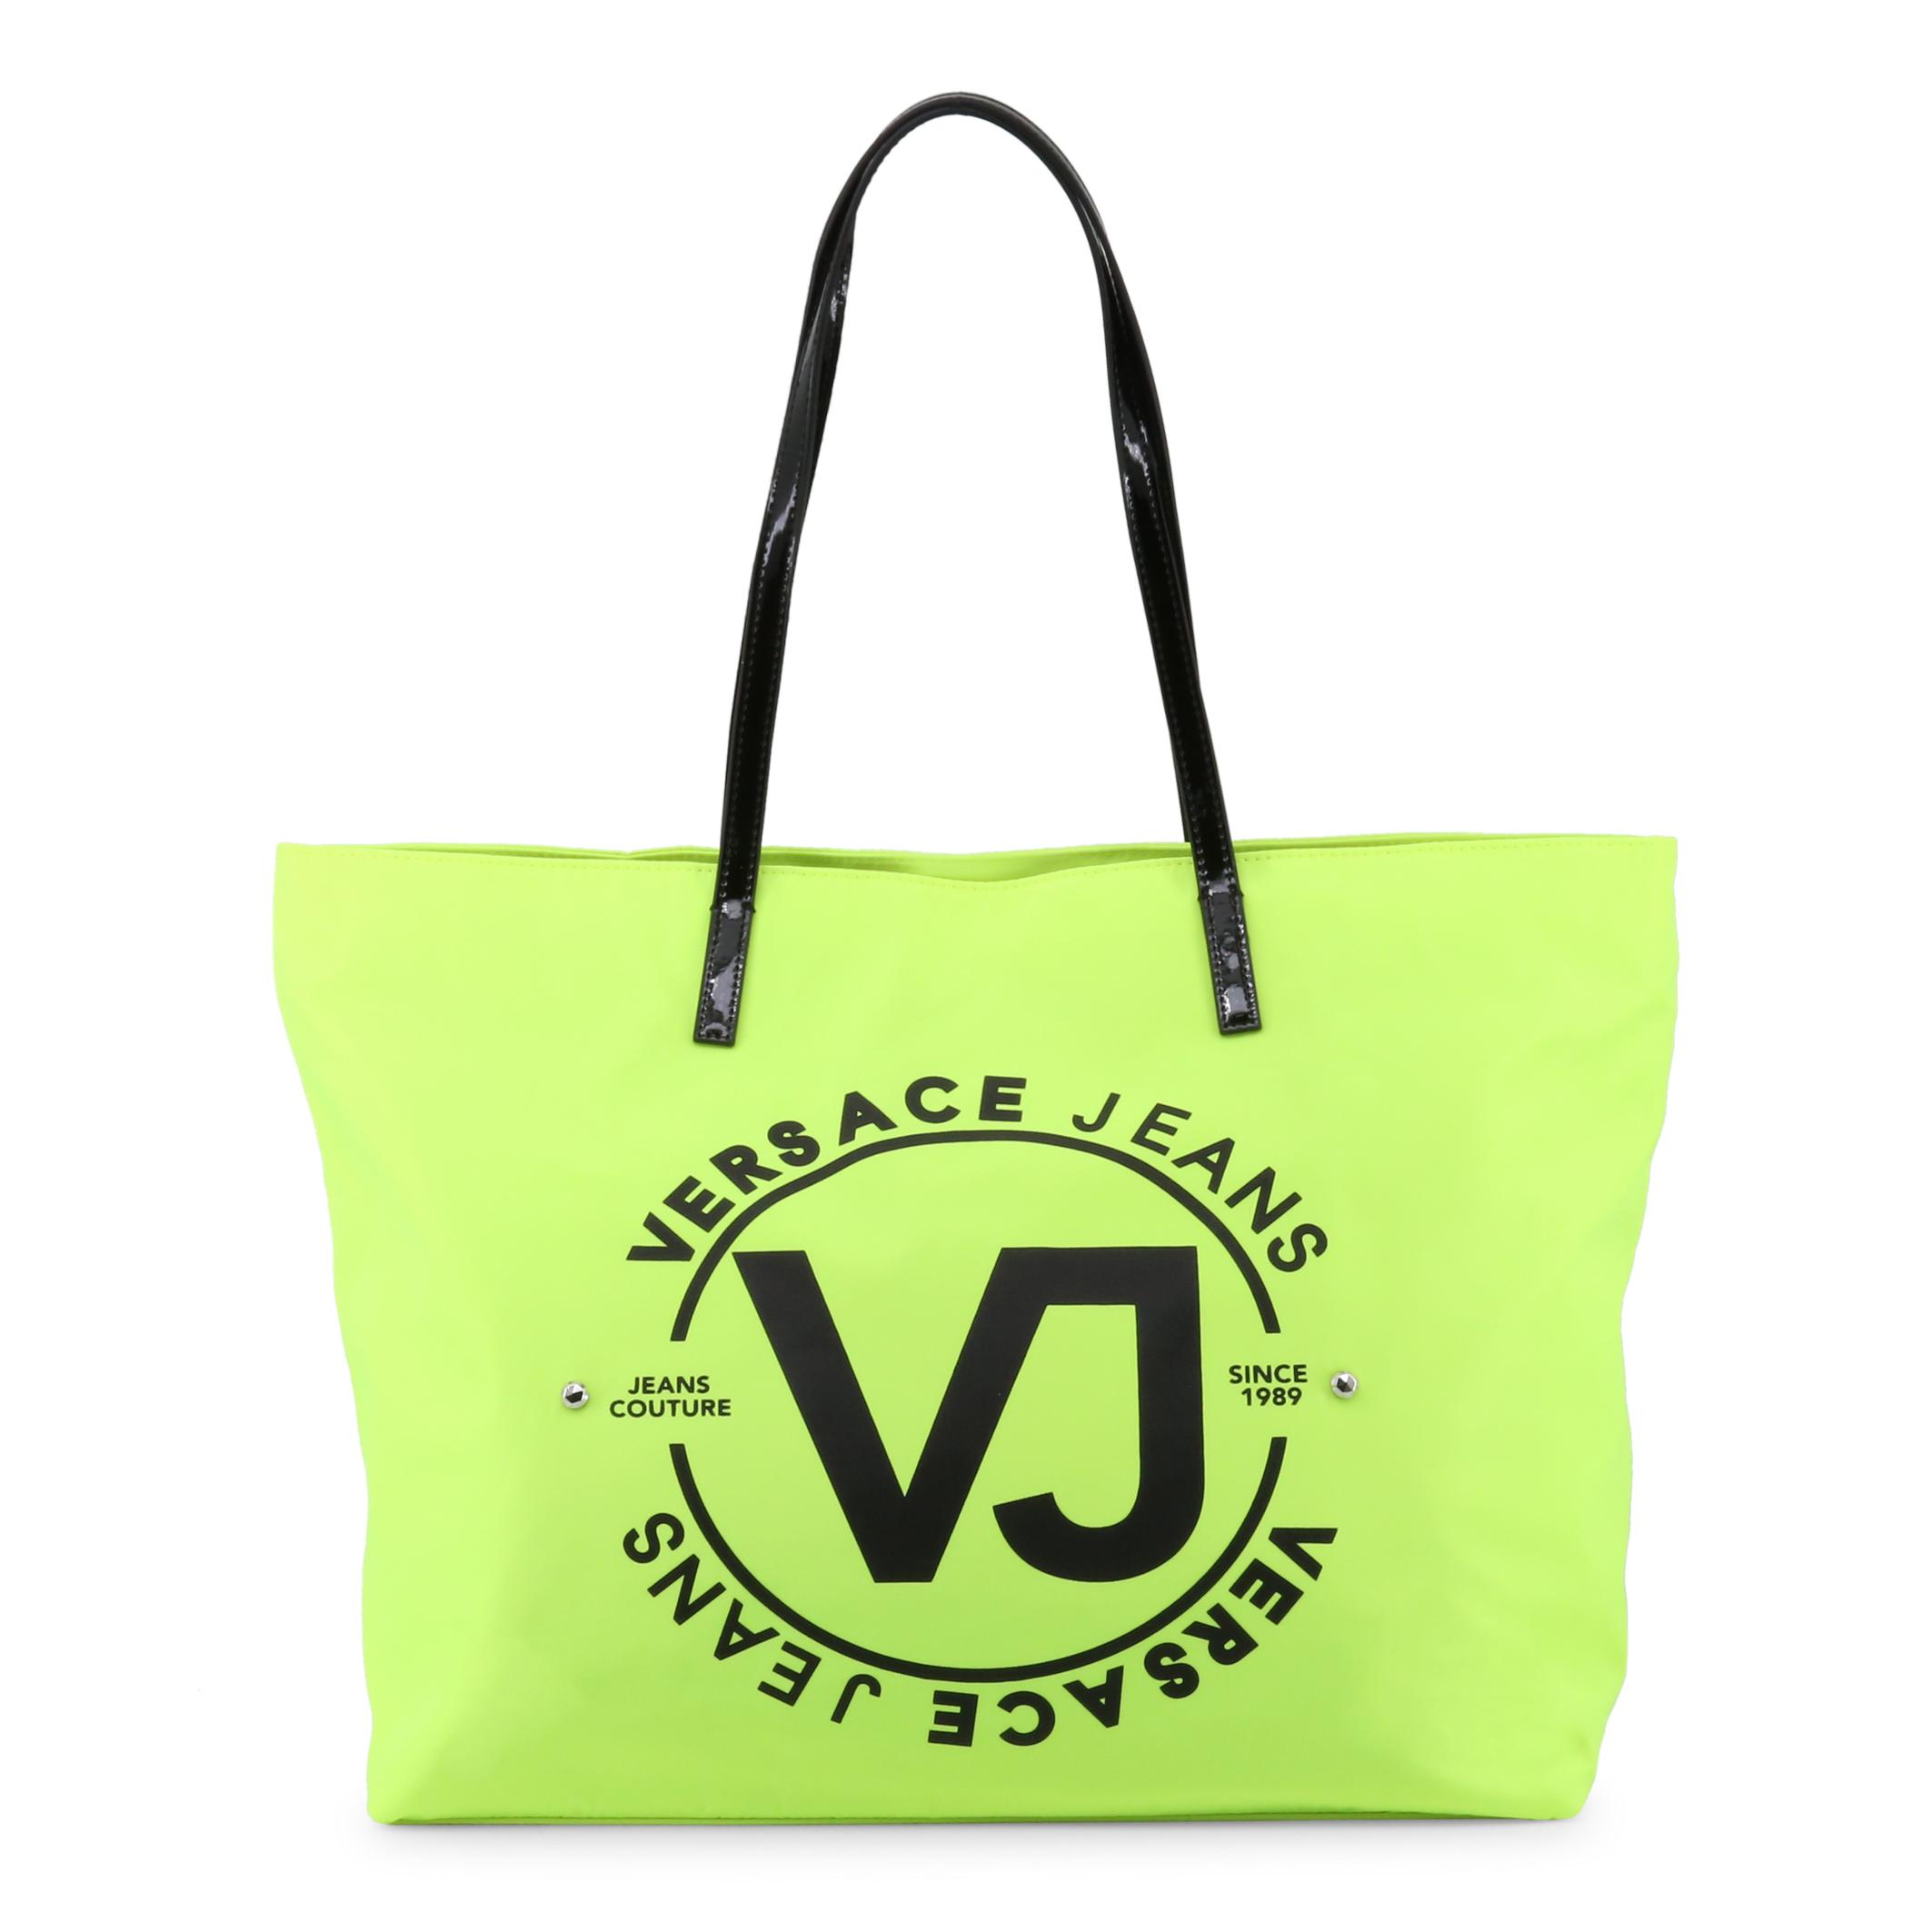 Cabas Versace Jeans